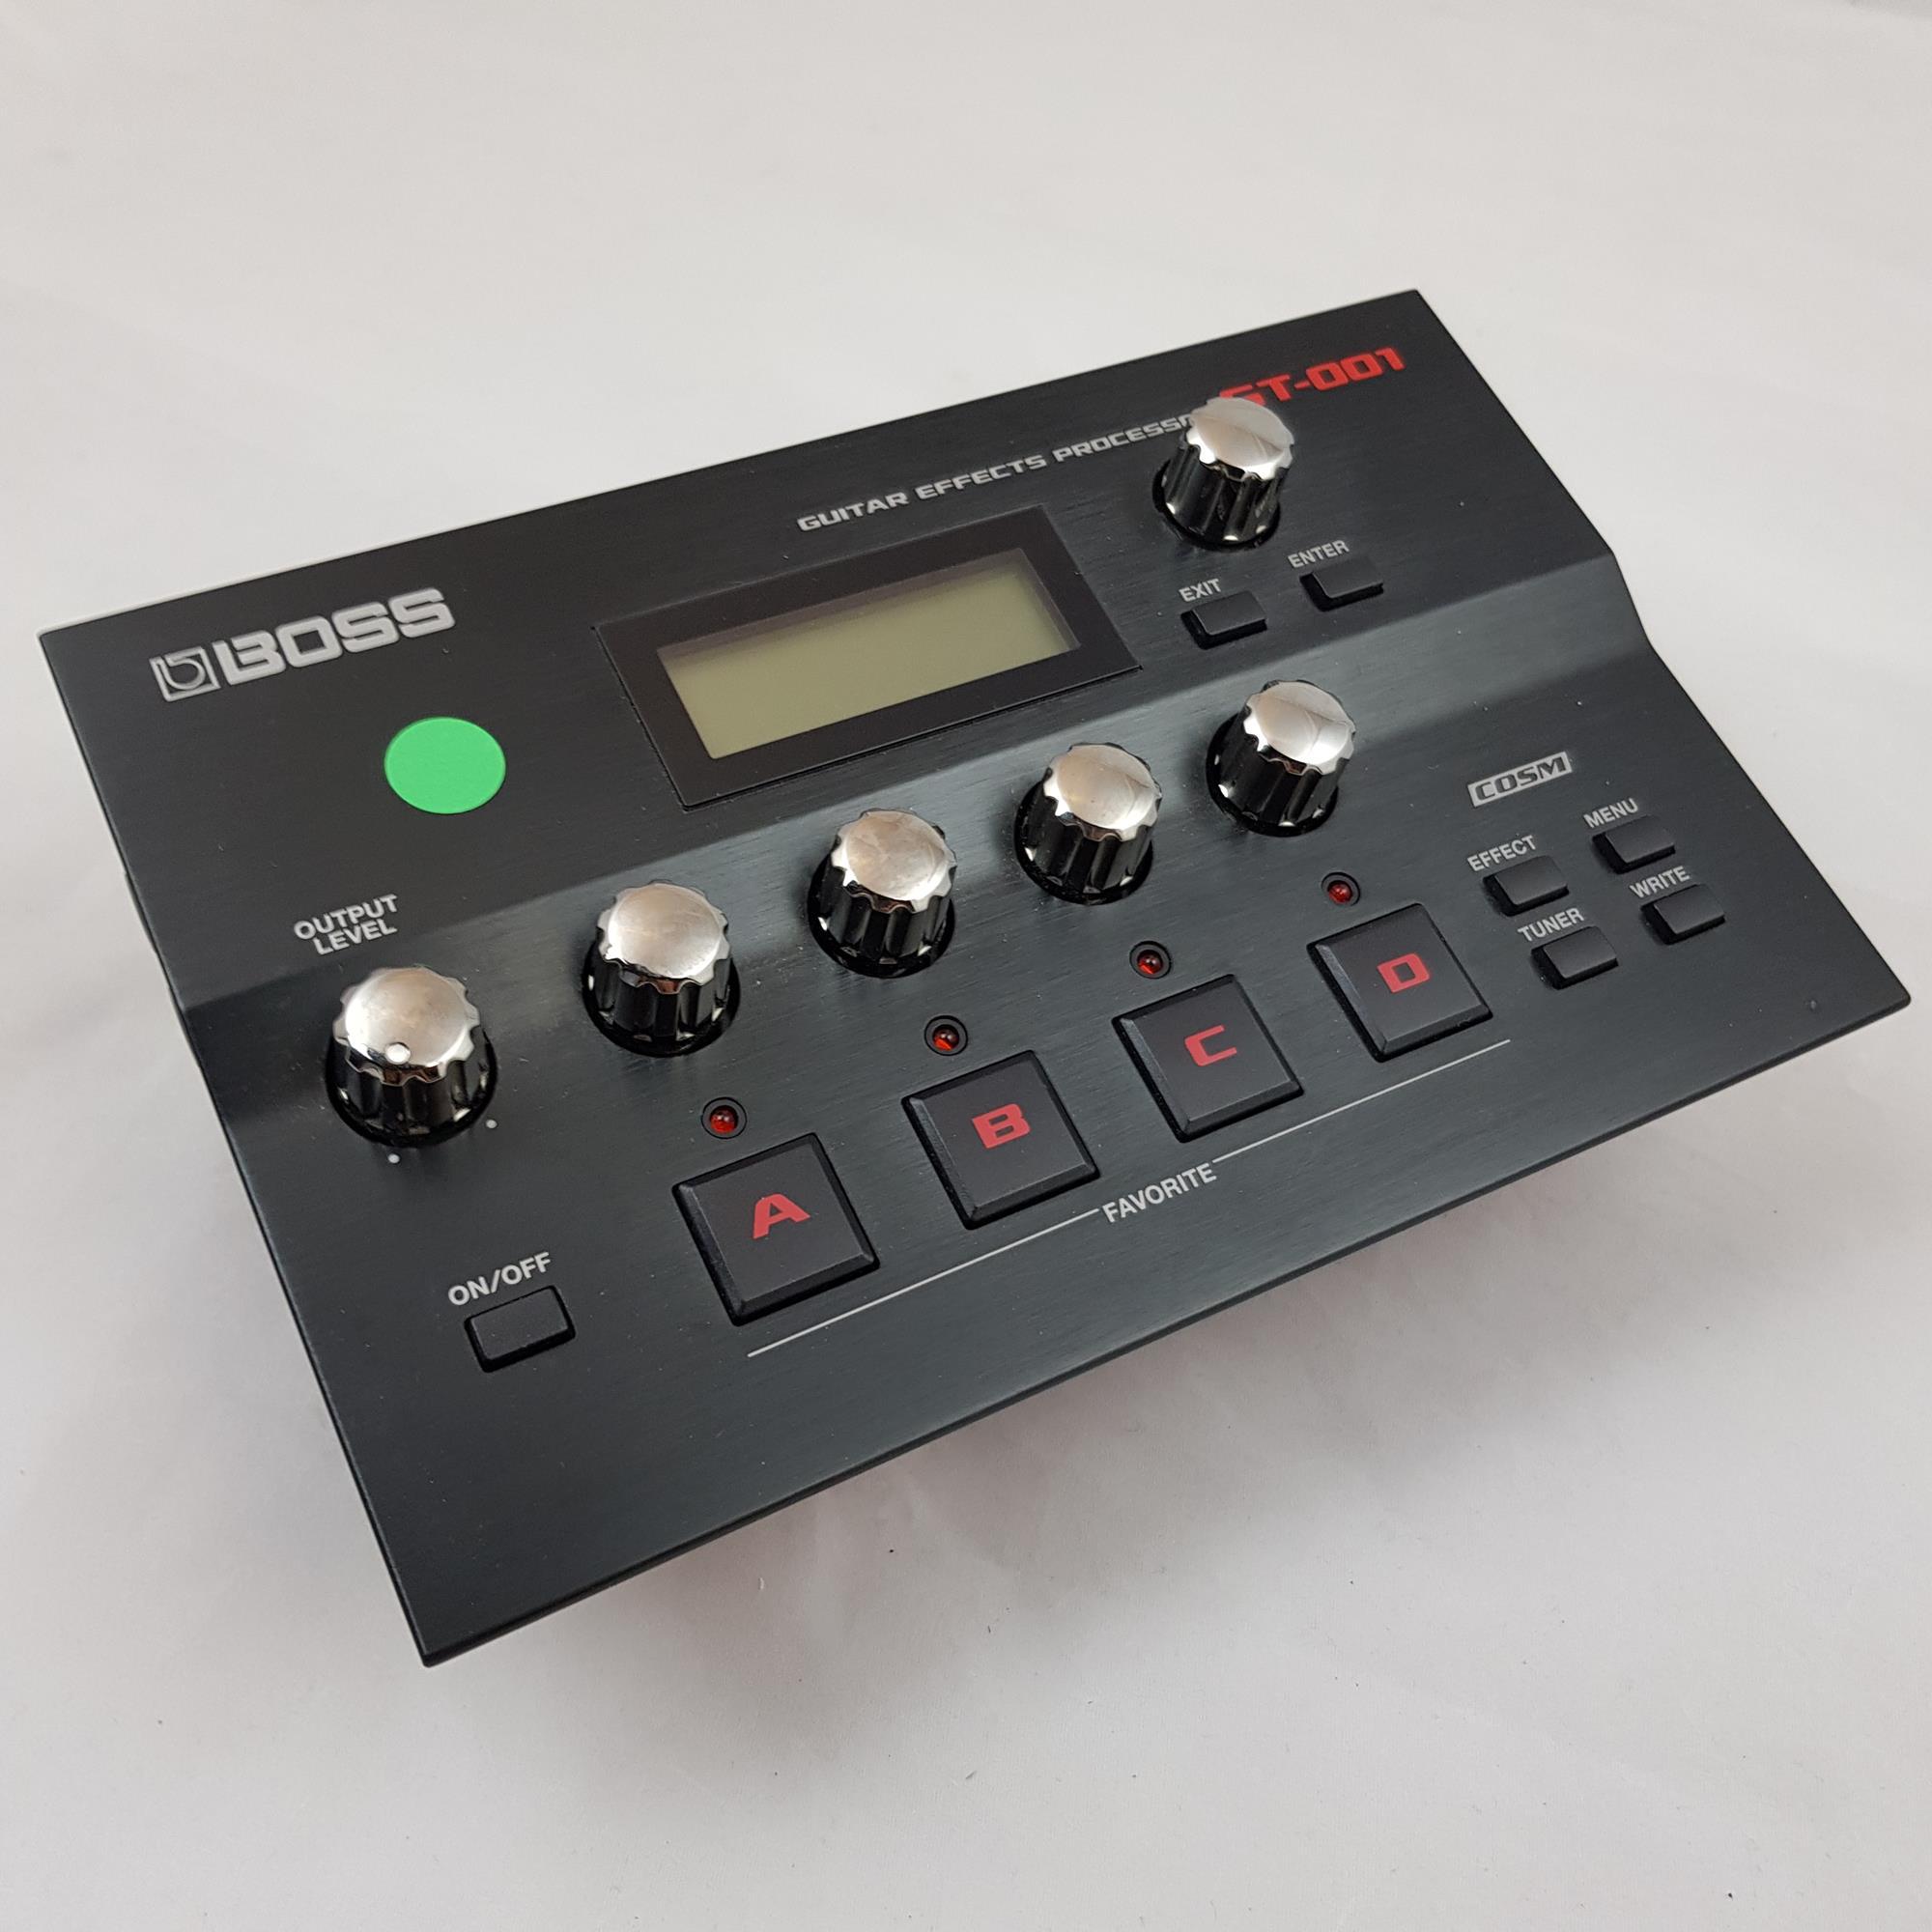 BOSS-GT-001-TABLETOP-sku-1593874066785